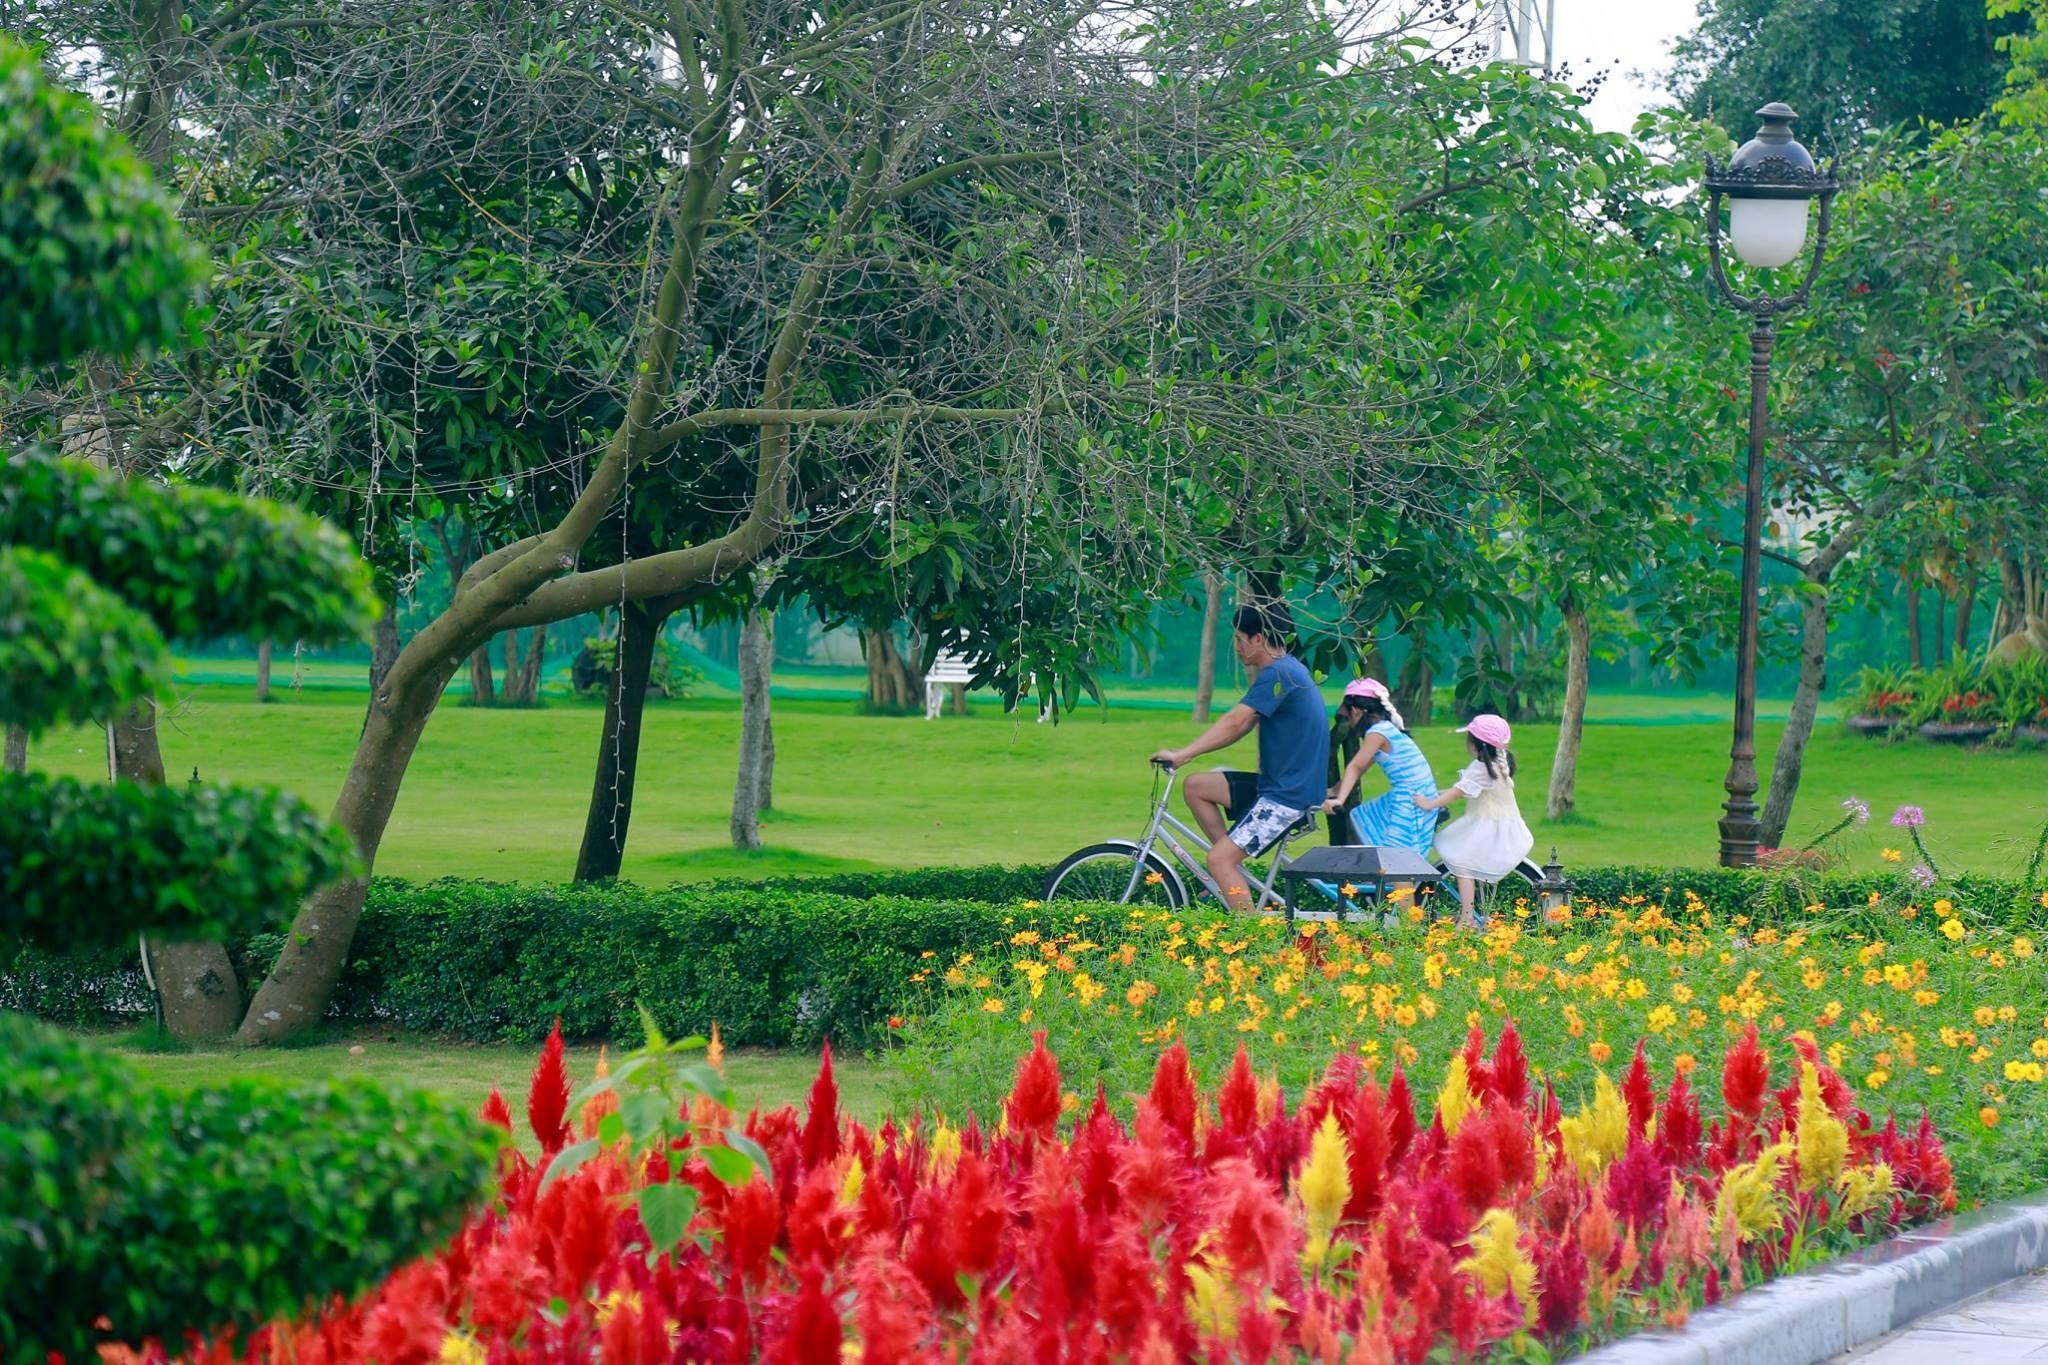 Rời xa phố thị về miền xanh trong lành tại hệ thống quần thể nghỉ dưỡng FLC Hotels & Resorts  - Ảnh 3